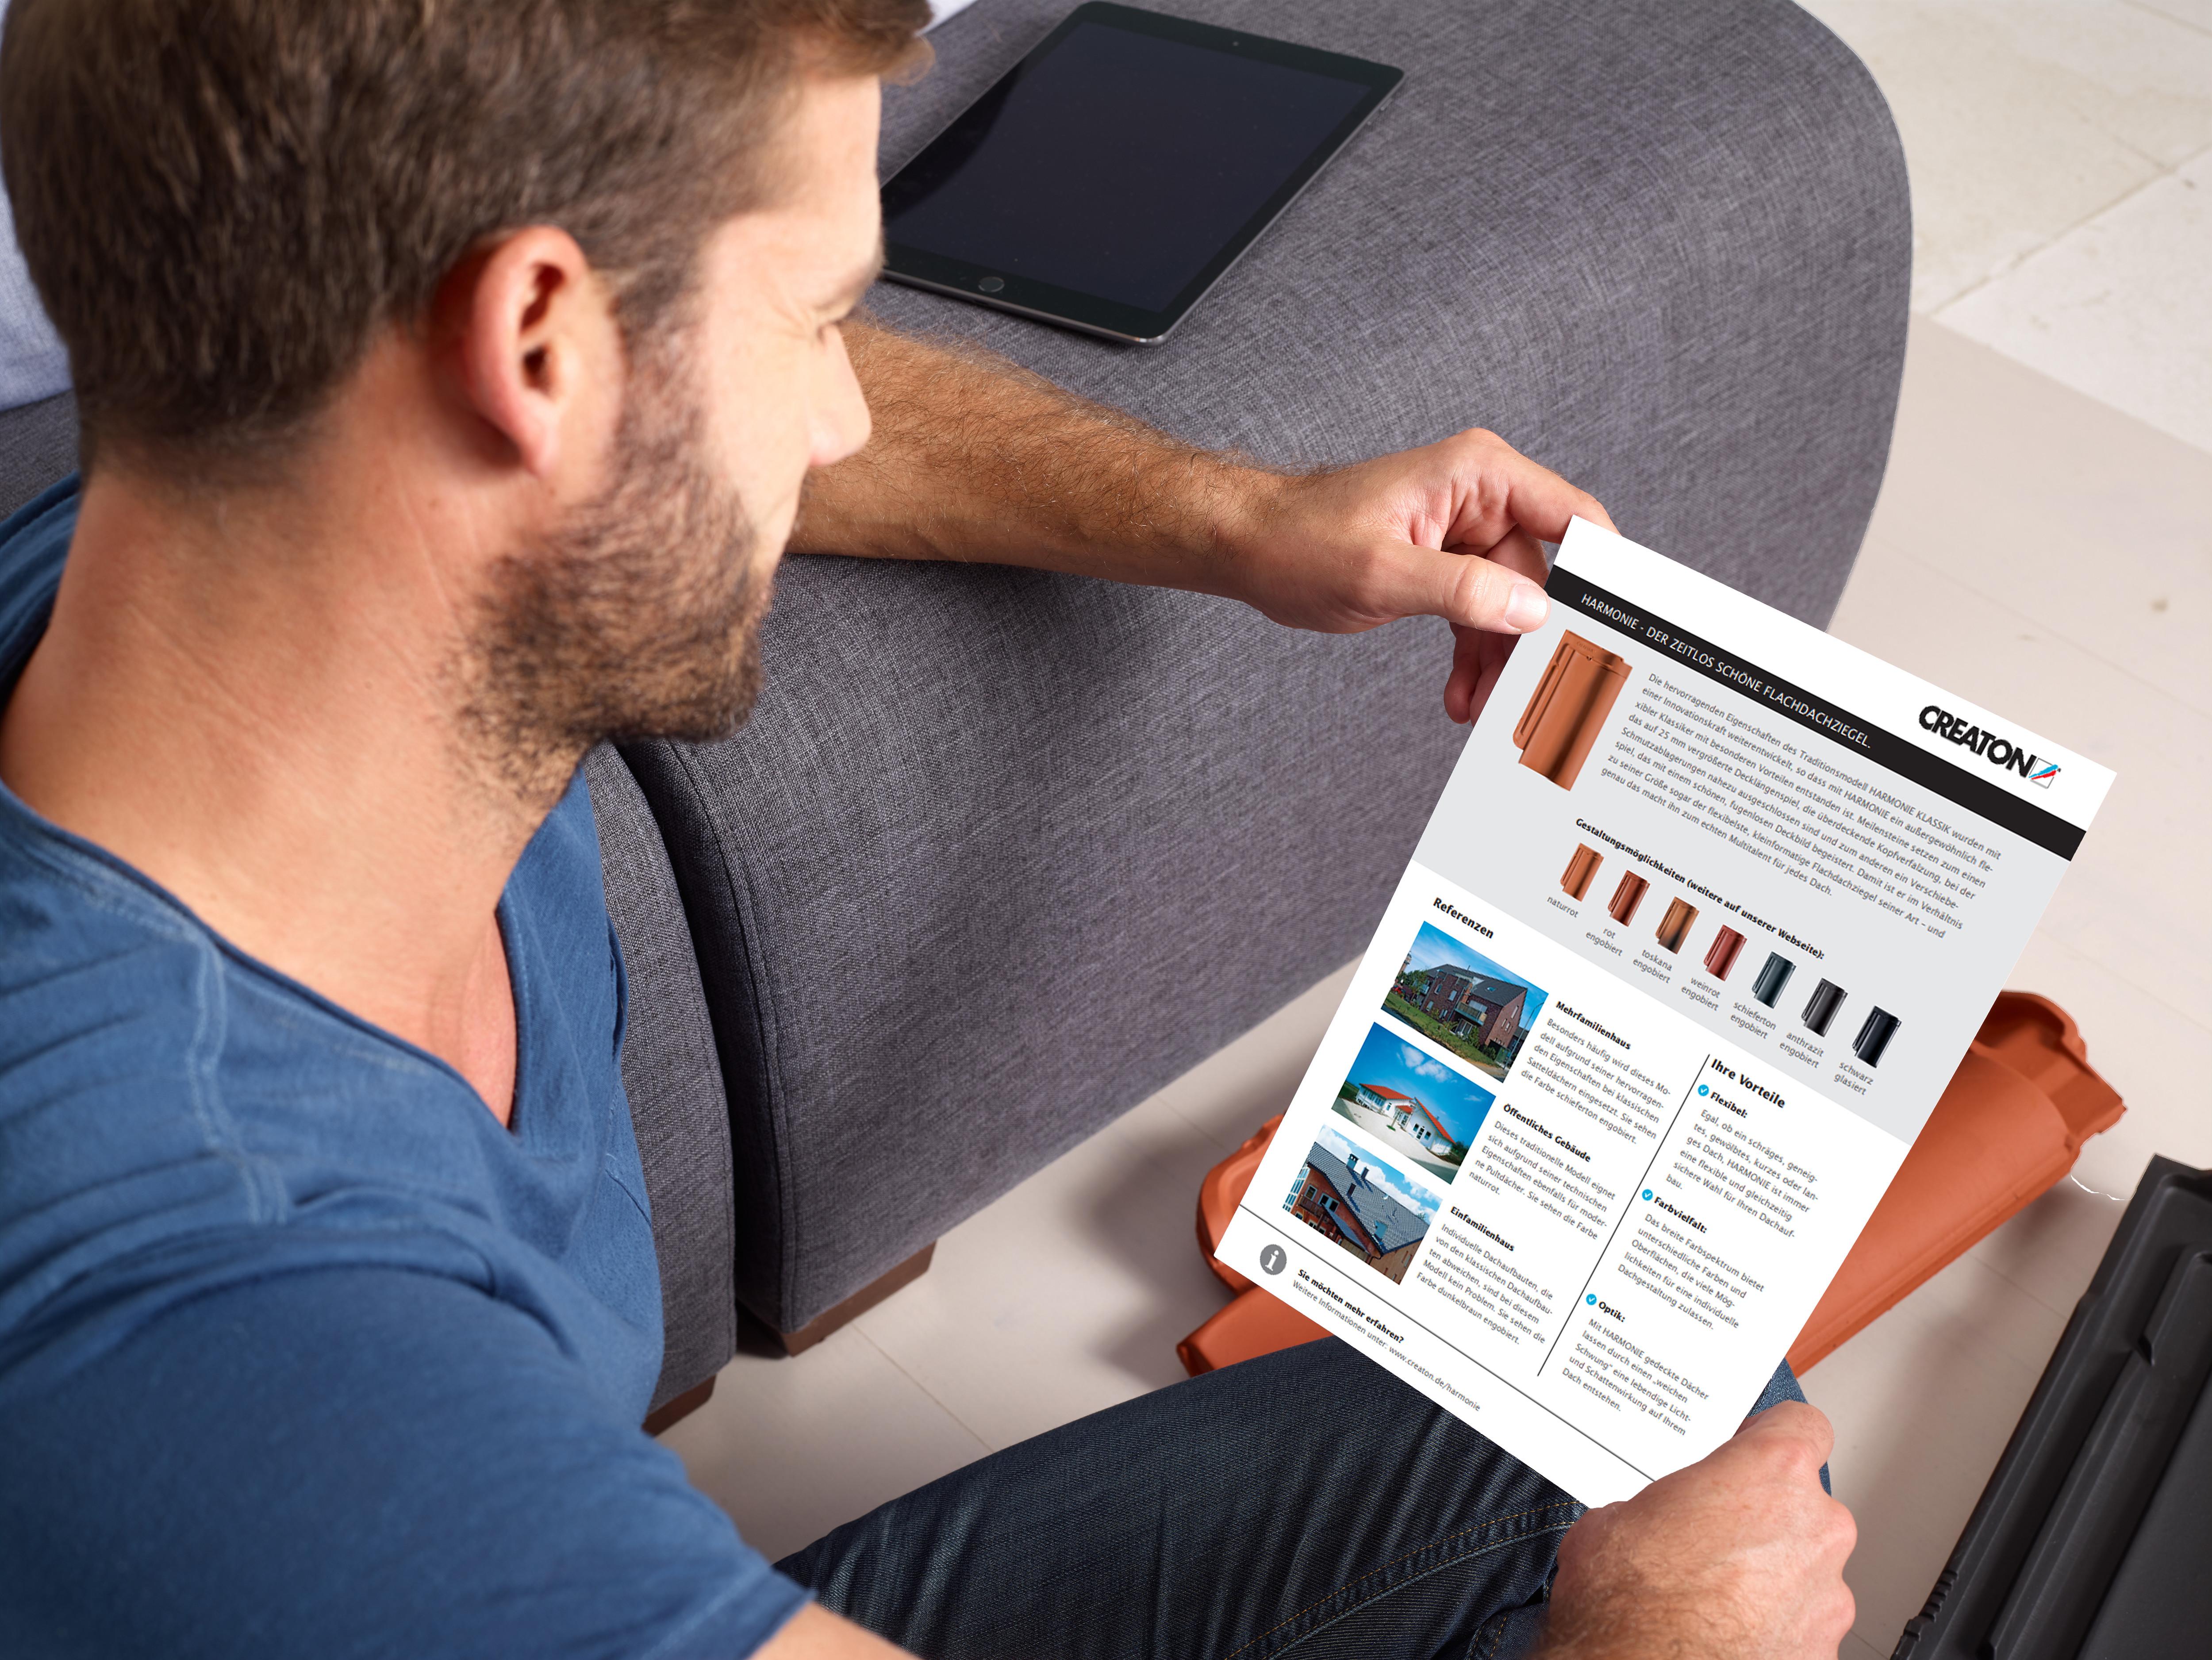 Bauherr liest Informationen zum Produkte